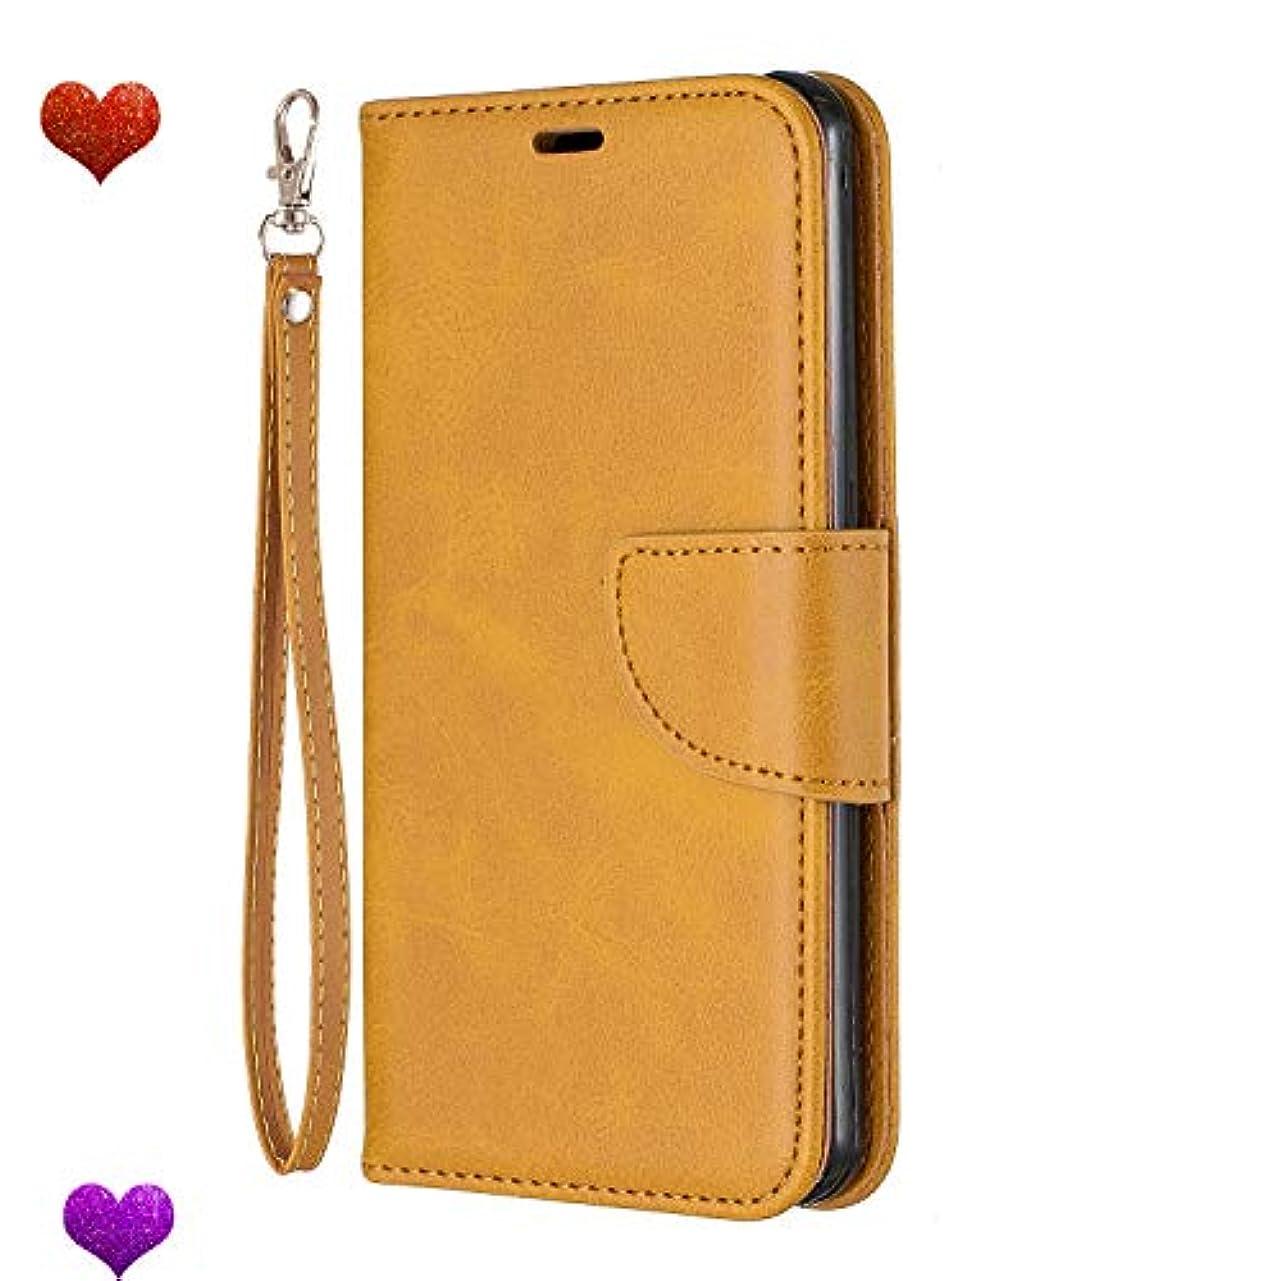 バーゲン望ましいかろうじてSamsung Galaxy A3 2017 ケース 手帳型 本革 レザー カバー 財布型 スタンド機能 カードポケット 耐摩擦 耐汚れ 全面保護 人気 アイフォン